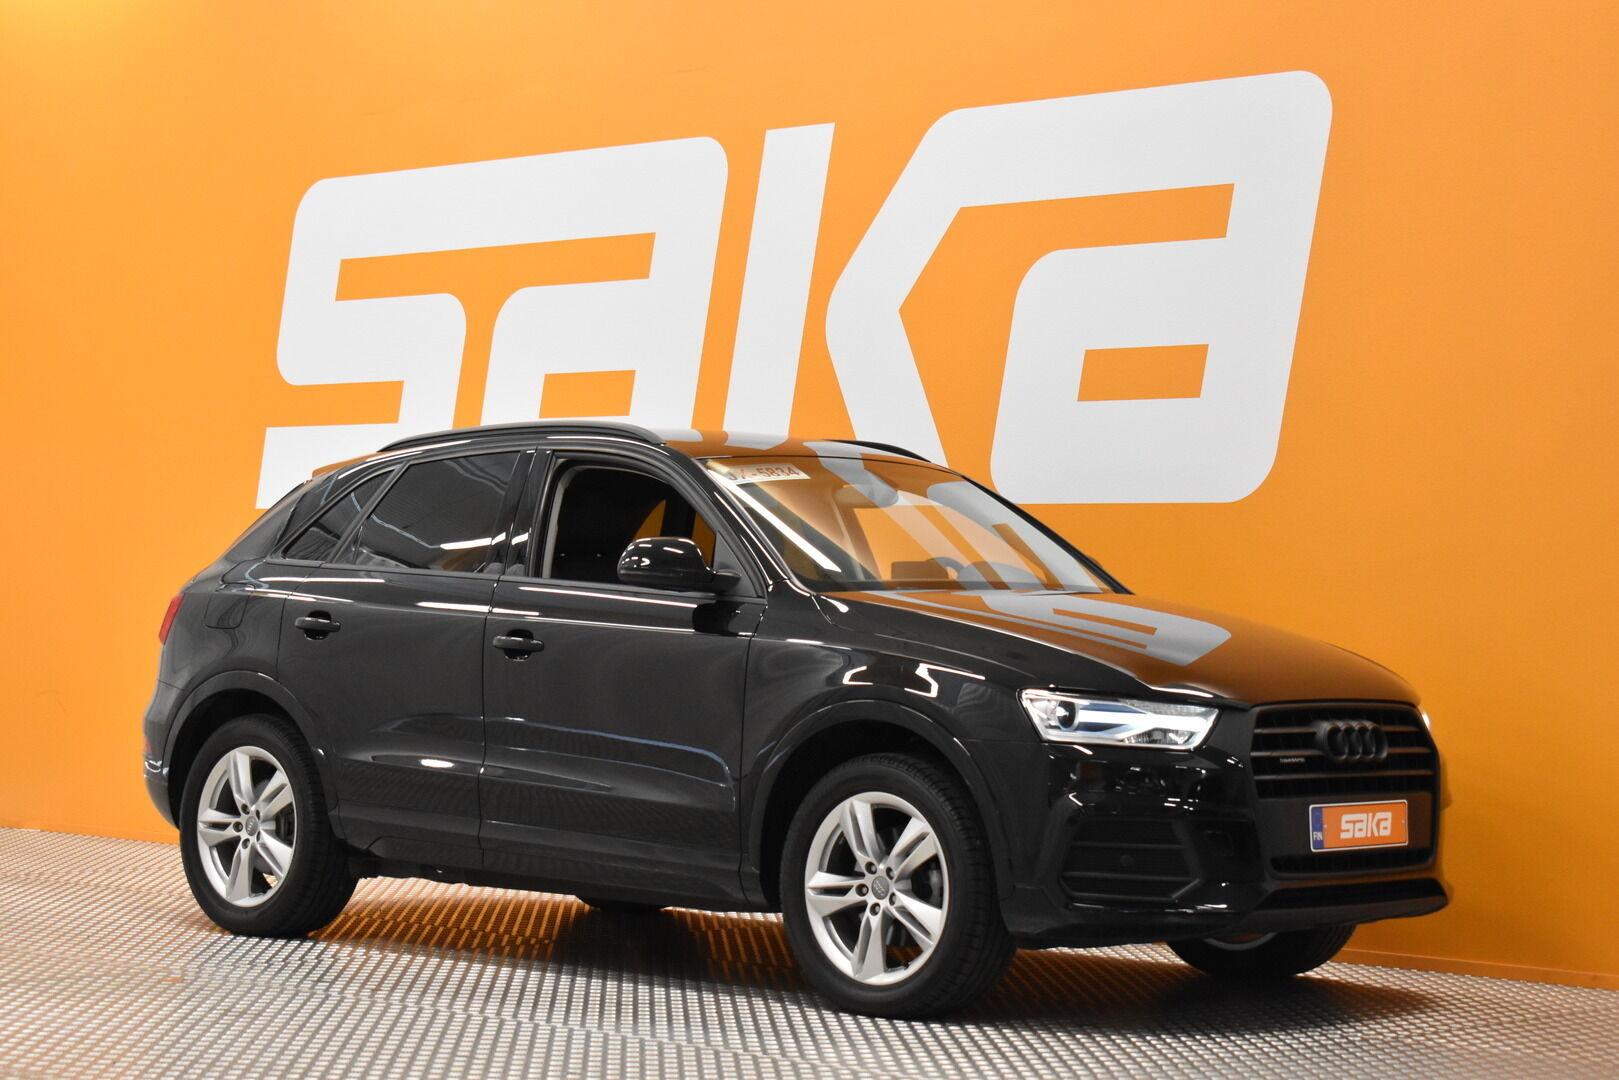 Musta Maastoauto, Audi Q3 – JÄR-13851, kuva 1